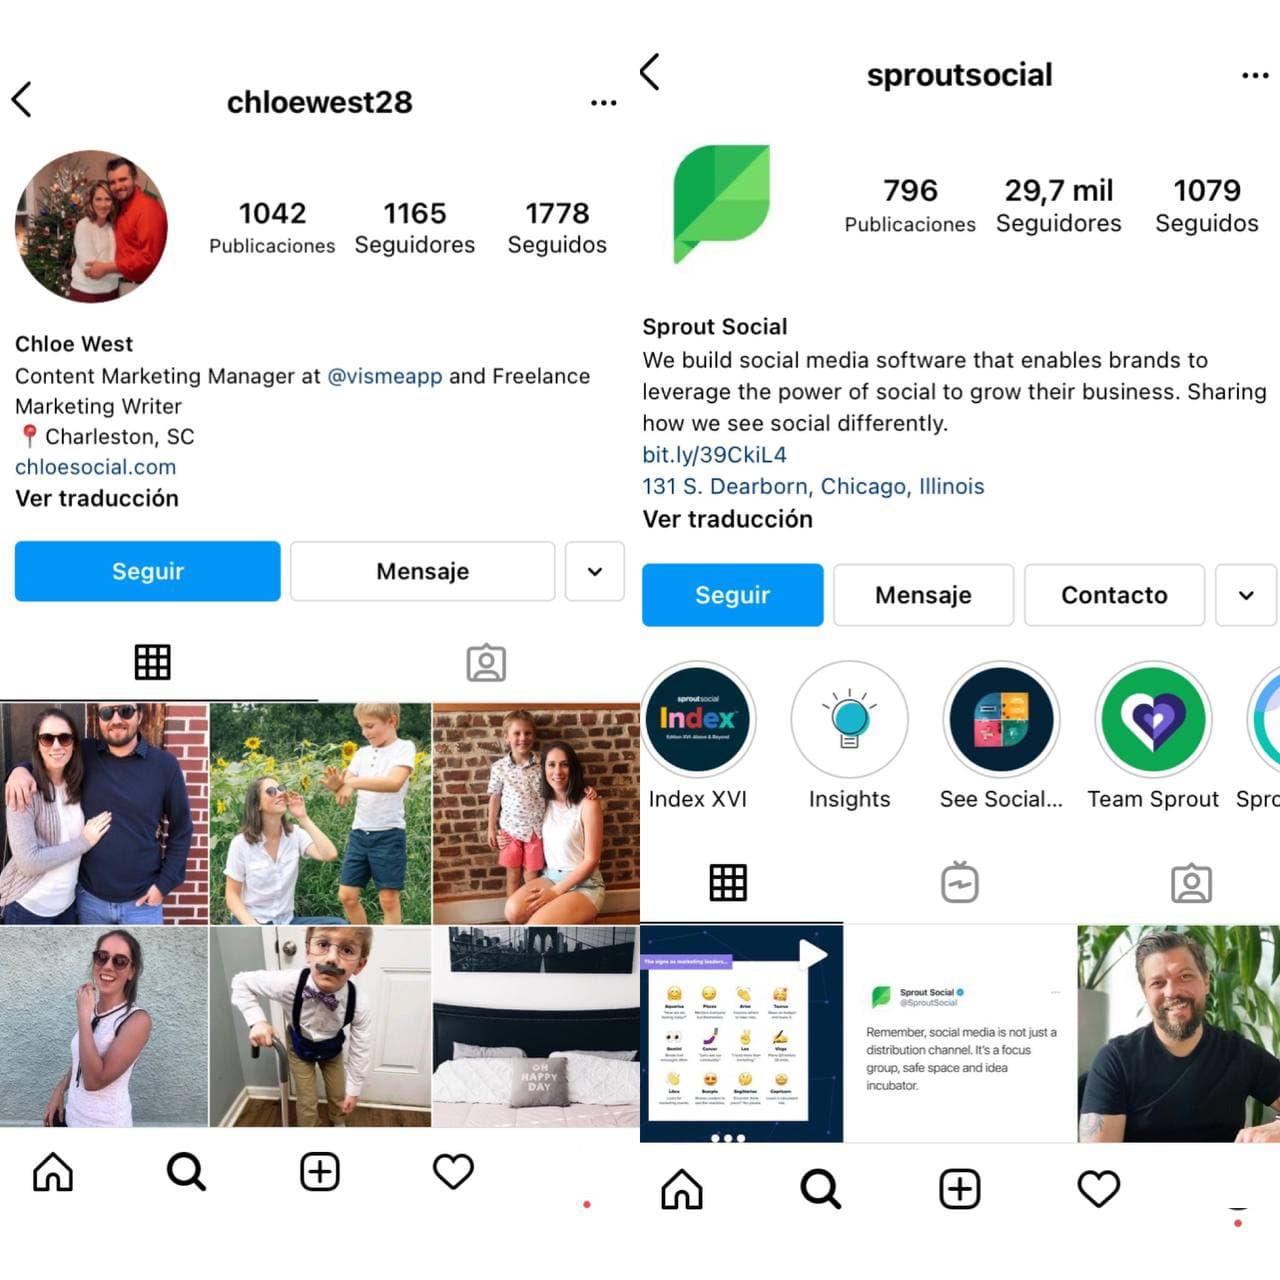 Beneficios y características de una cuenta de negocios en Instagram - imagen 3